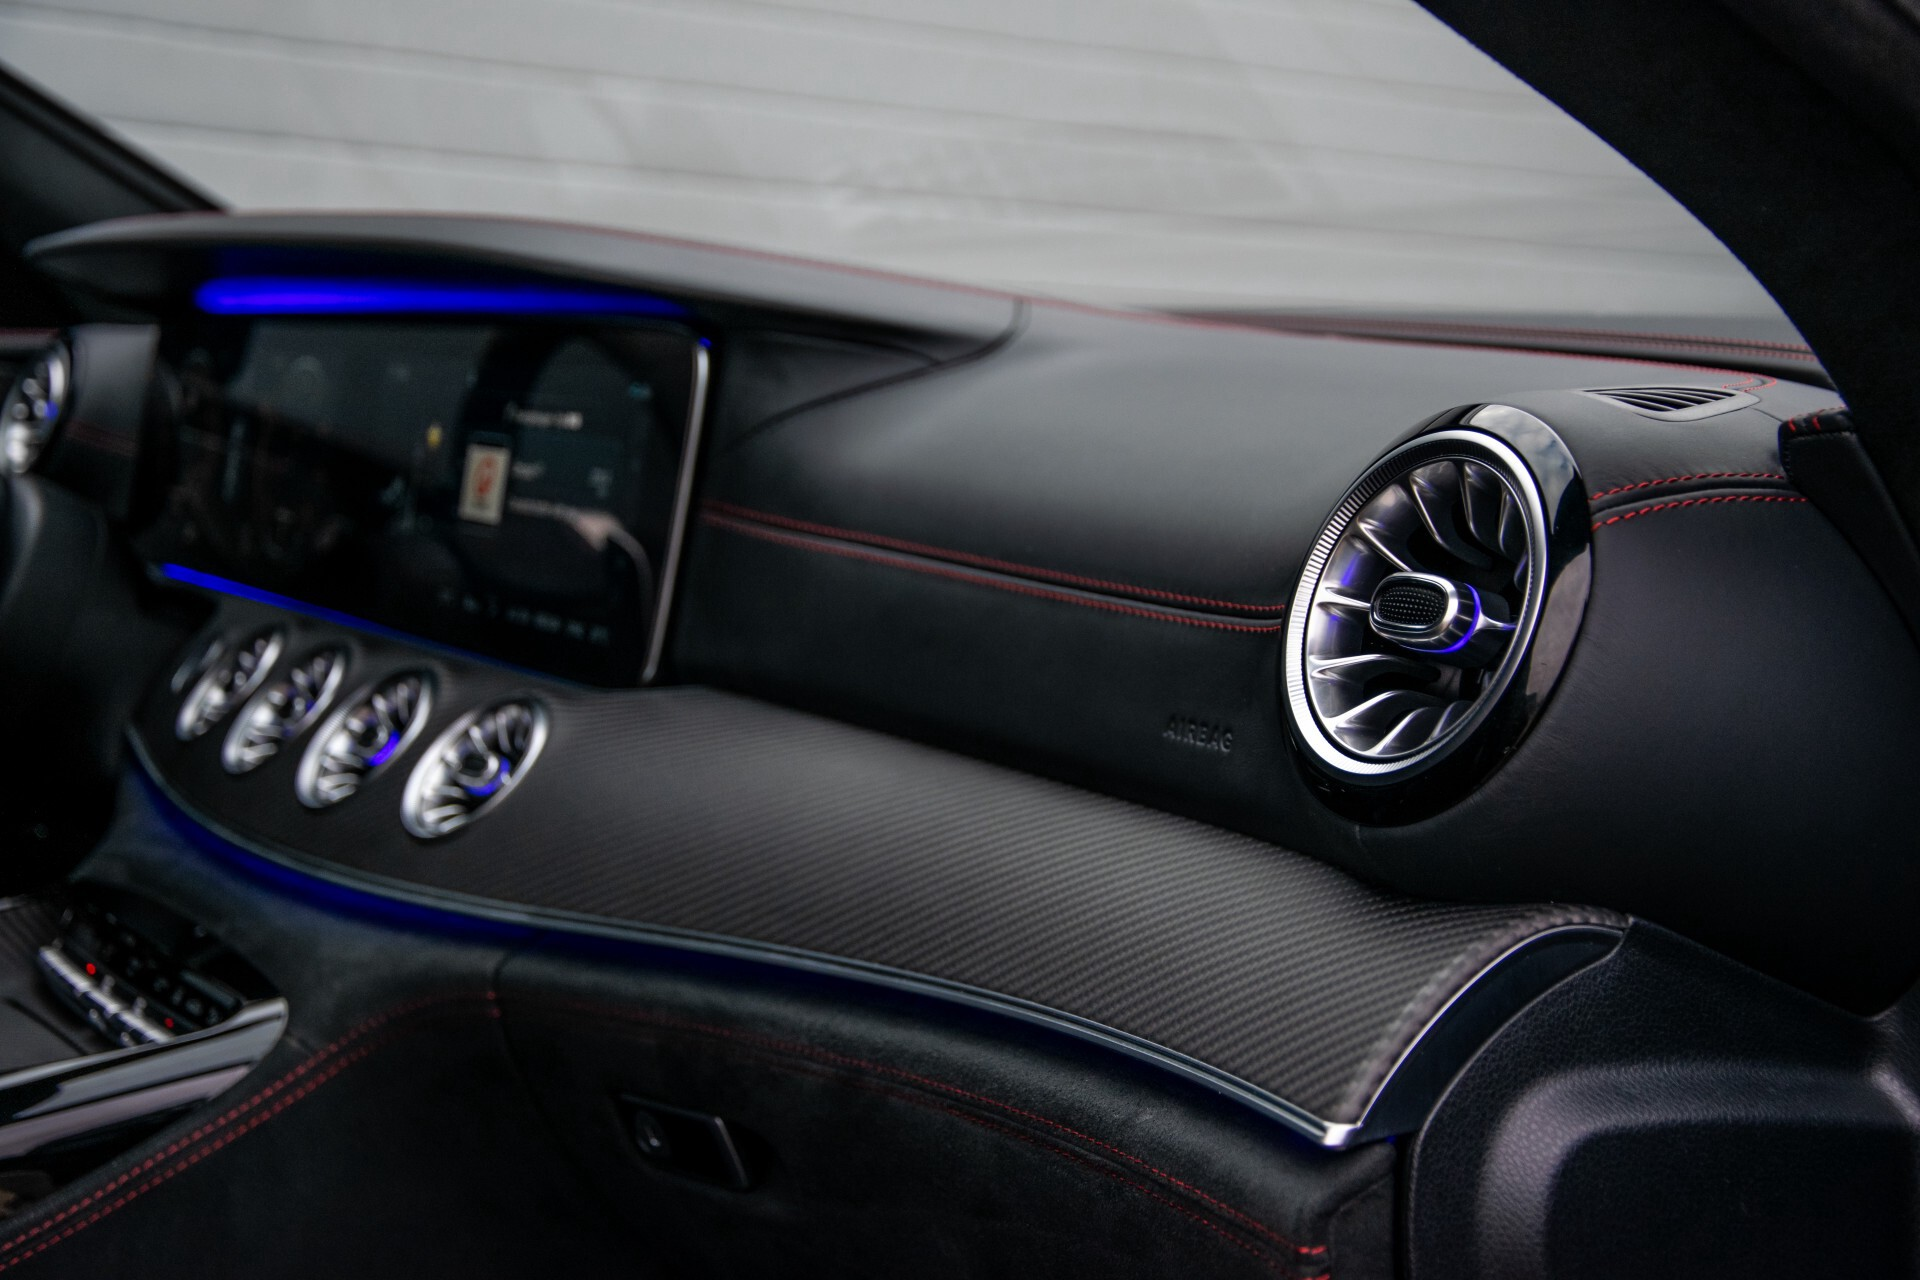 Mercedes-Benz AMG GT 4-Door Coupe 63 S 4M+ Keramisch/Full Carbon/Aerodynamica/Burmester 3D/TV/Performance stoelen/Standkachel Aut9 Foto 36